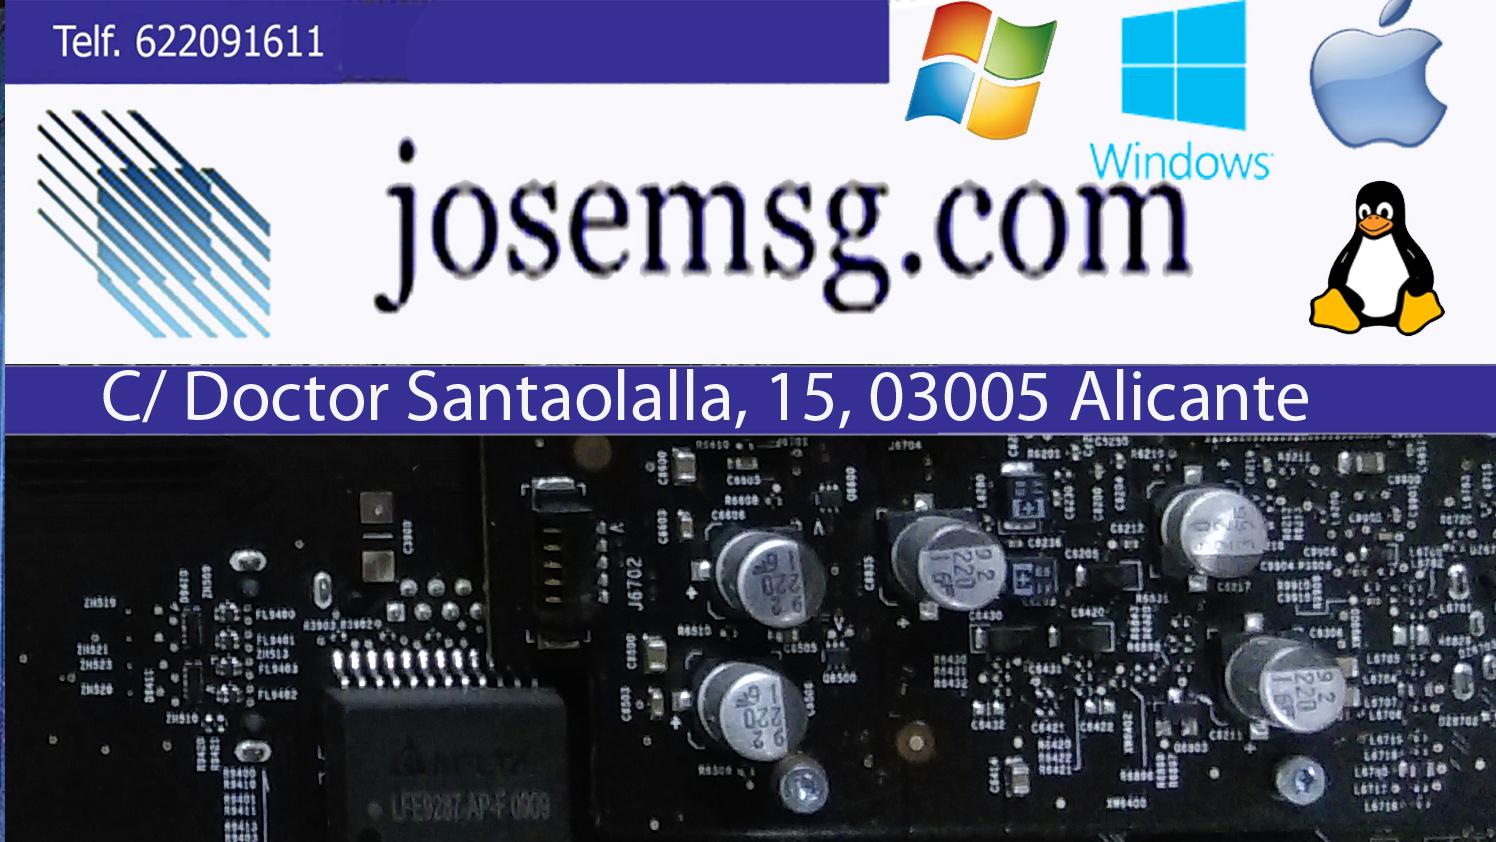 Imagen de JOSEMSG.COM